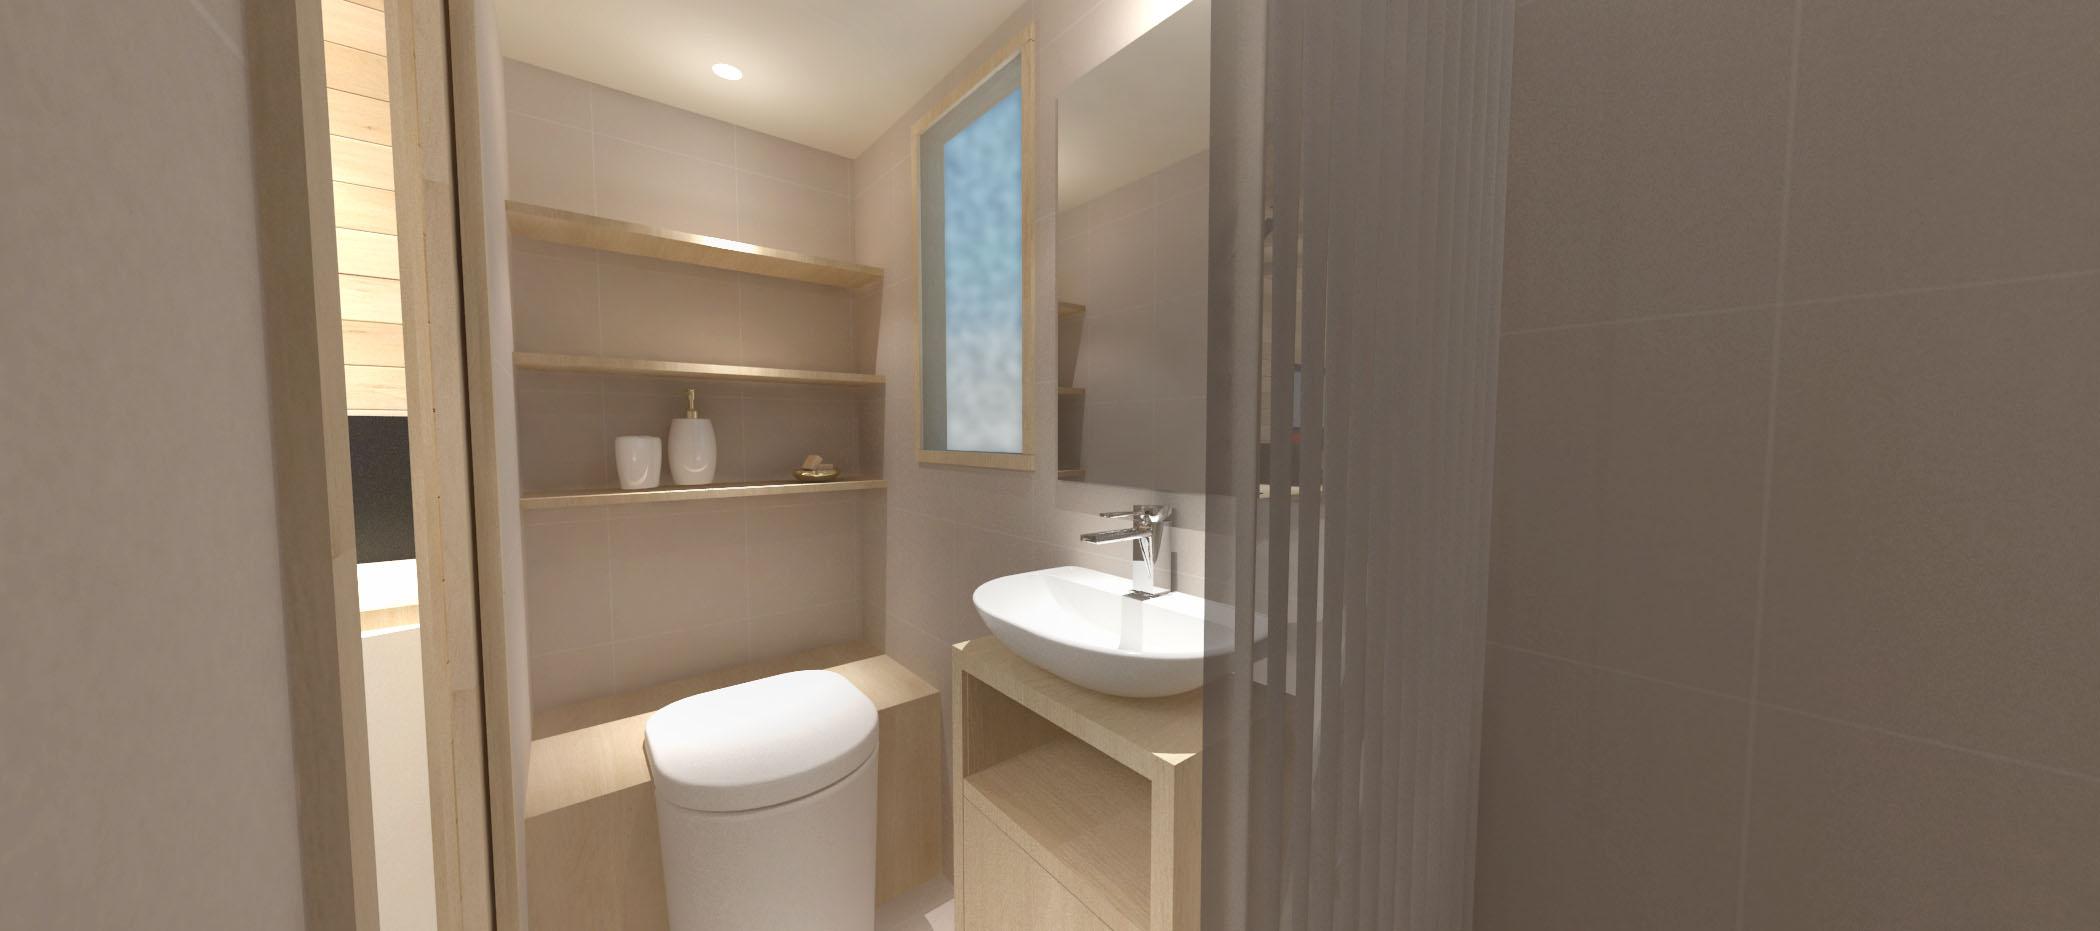 tiny house la familiale salle de bain quip e d 39 un lavabon d 39 une douche et de toilettes les. Black Bedroom Furniture Sets. Home Design Ideas